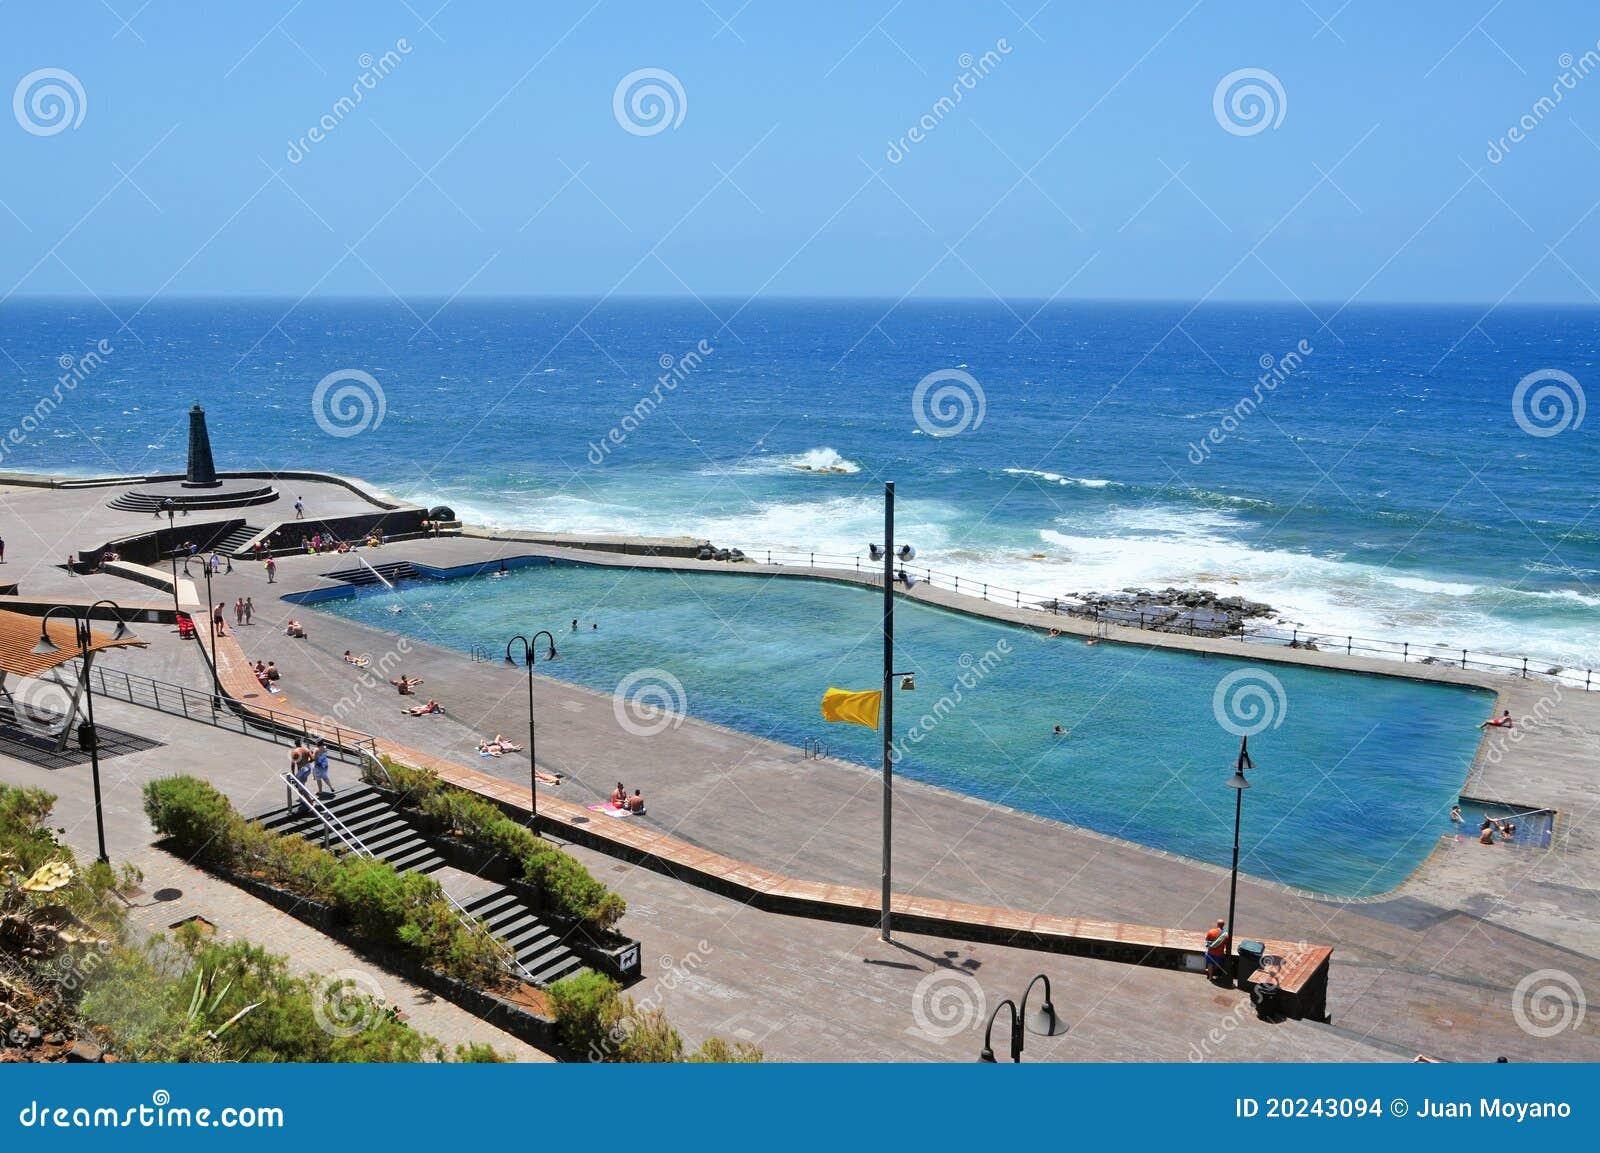 Het zwembad van het zeewater in bajamar tenerife spanje redactionele stock afbeelding - Fotos van het zwembad ...